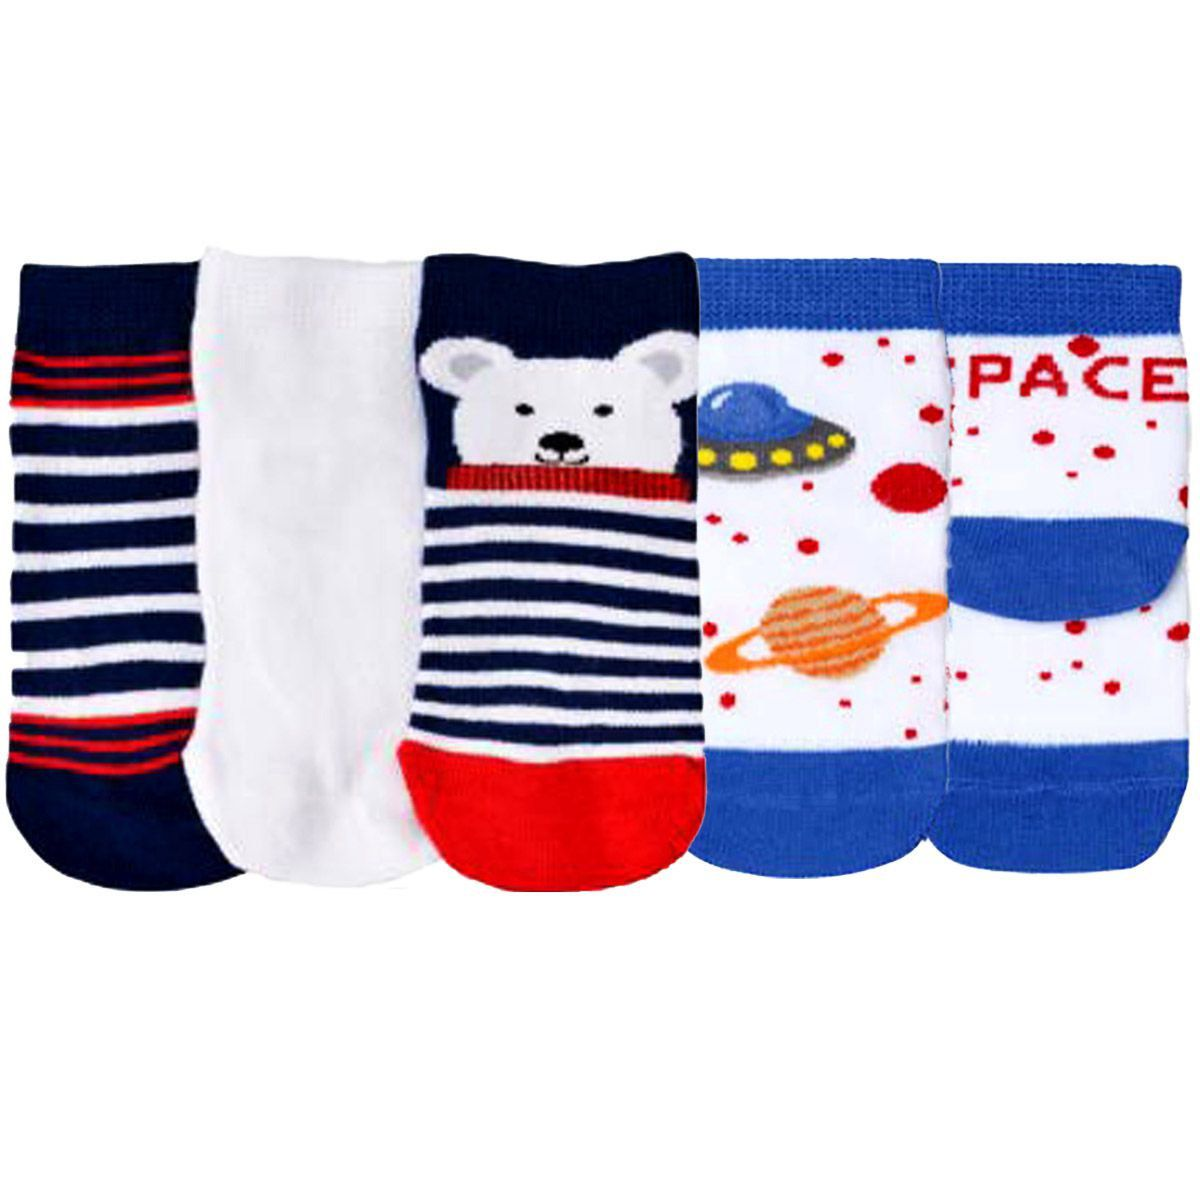 KIT com 3 pares de meias MENINO baby infantil cano curto Lupo